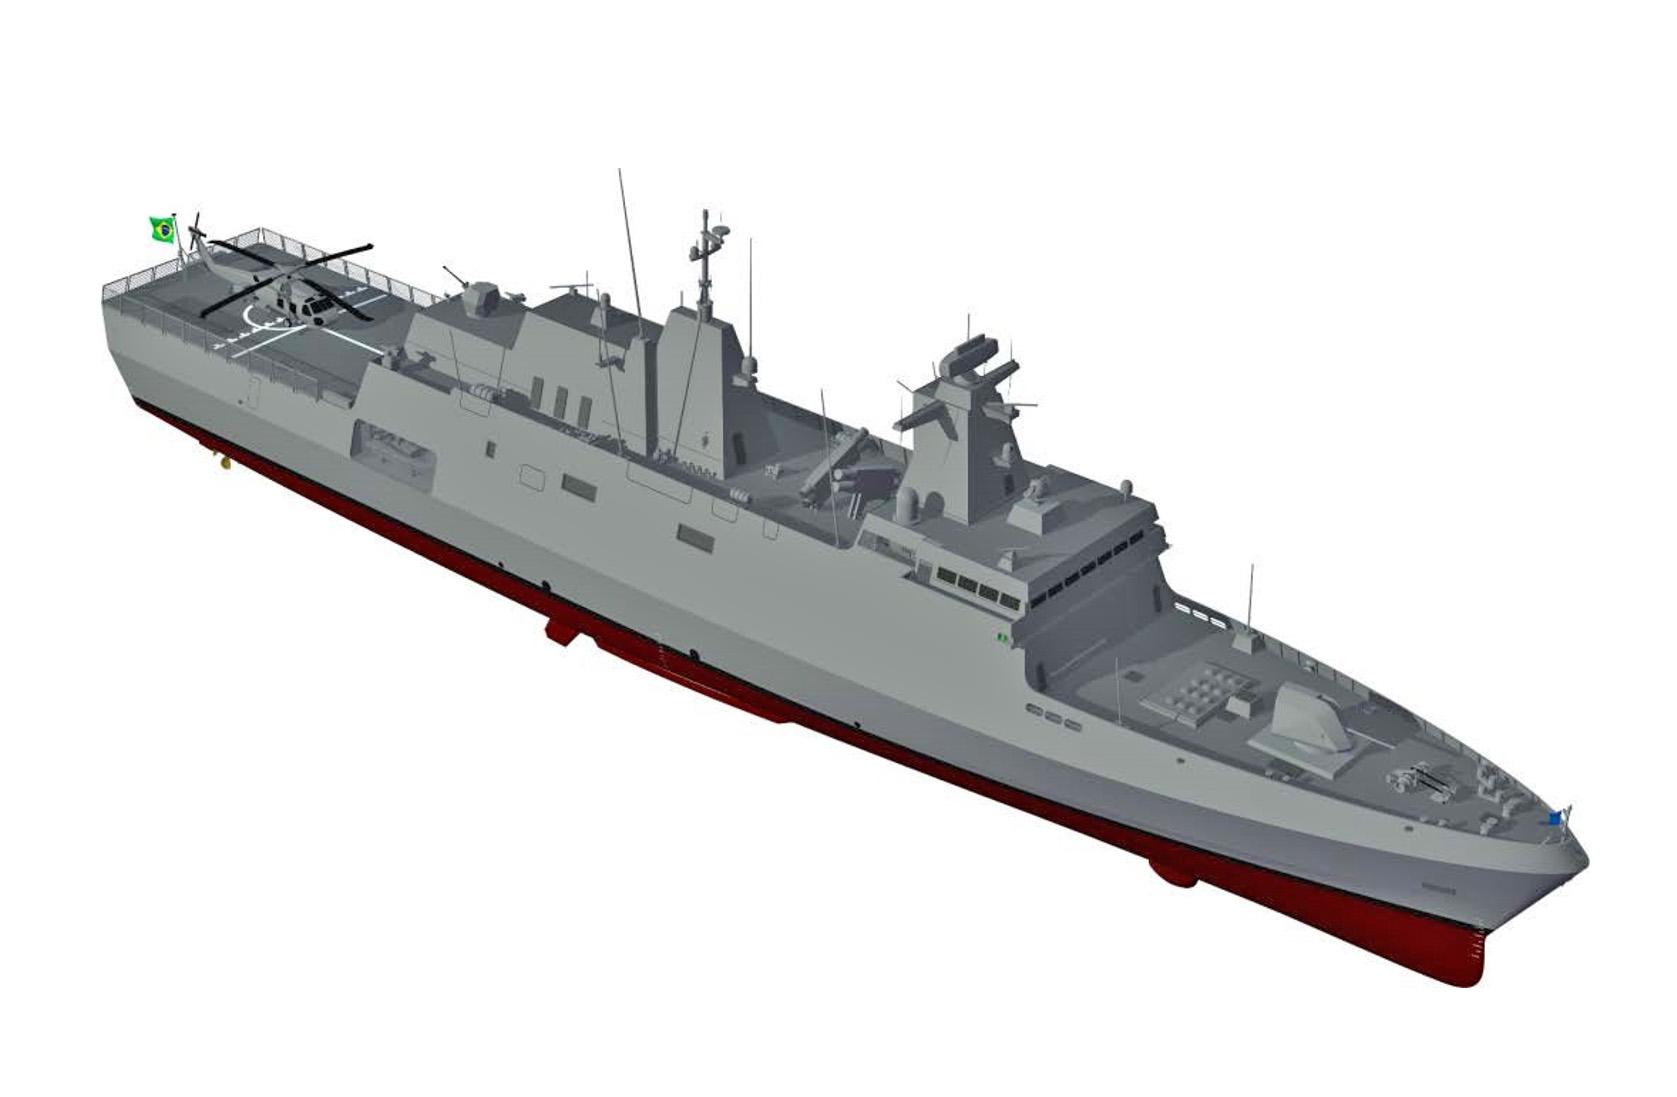 Германский проект МЕКО А100 победил в тендере на корвет для ВМС Бразилии